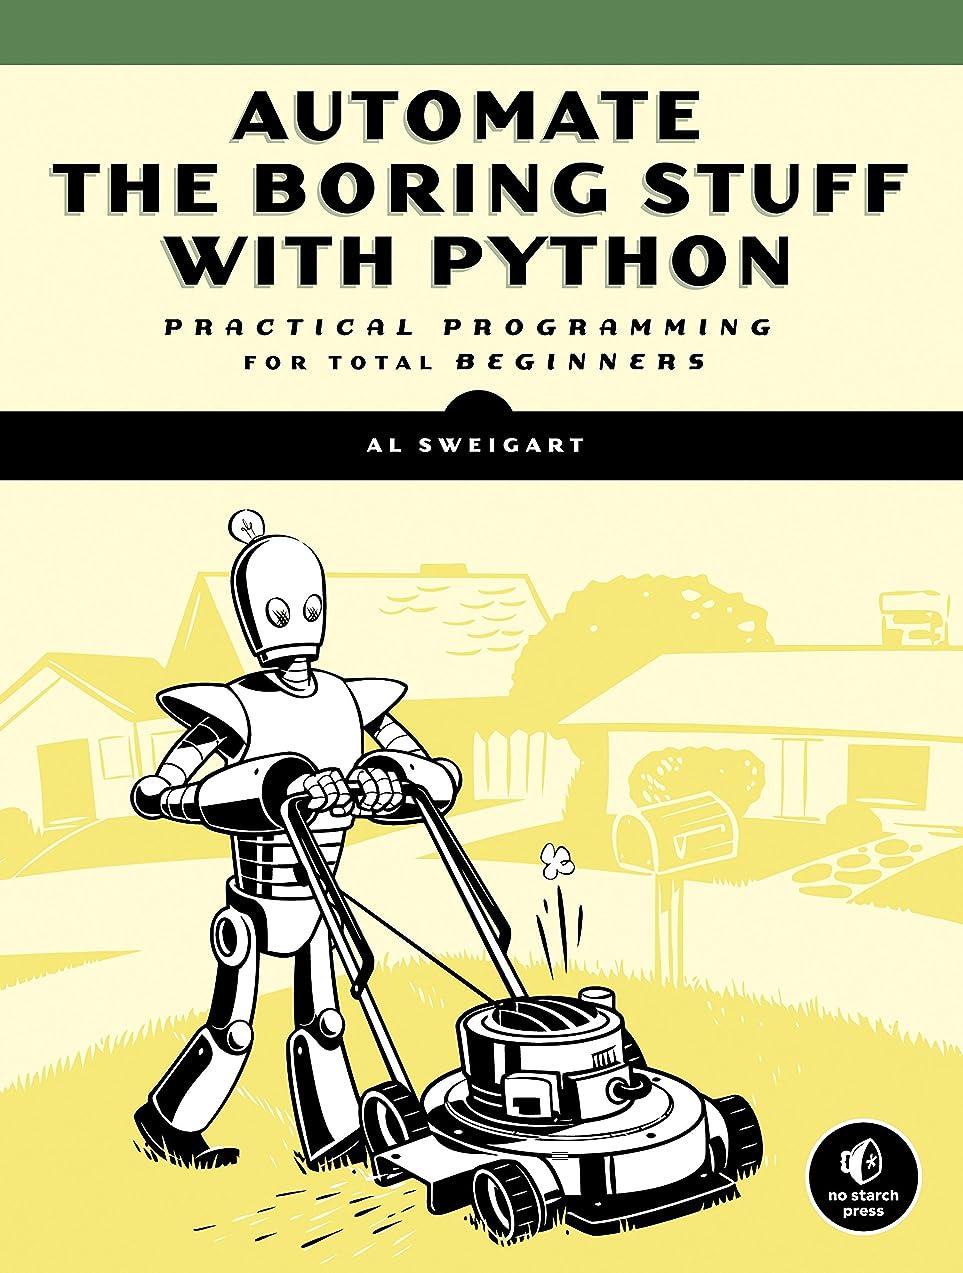 狂う恥ずかしさスタッフAutomate the Boring Stuff with Python: Practical Programming for Total Beginners (English Edition)